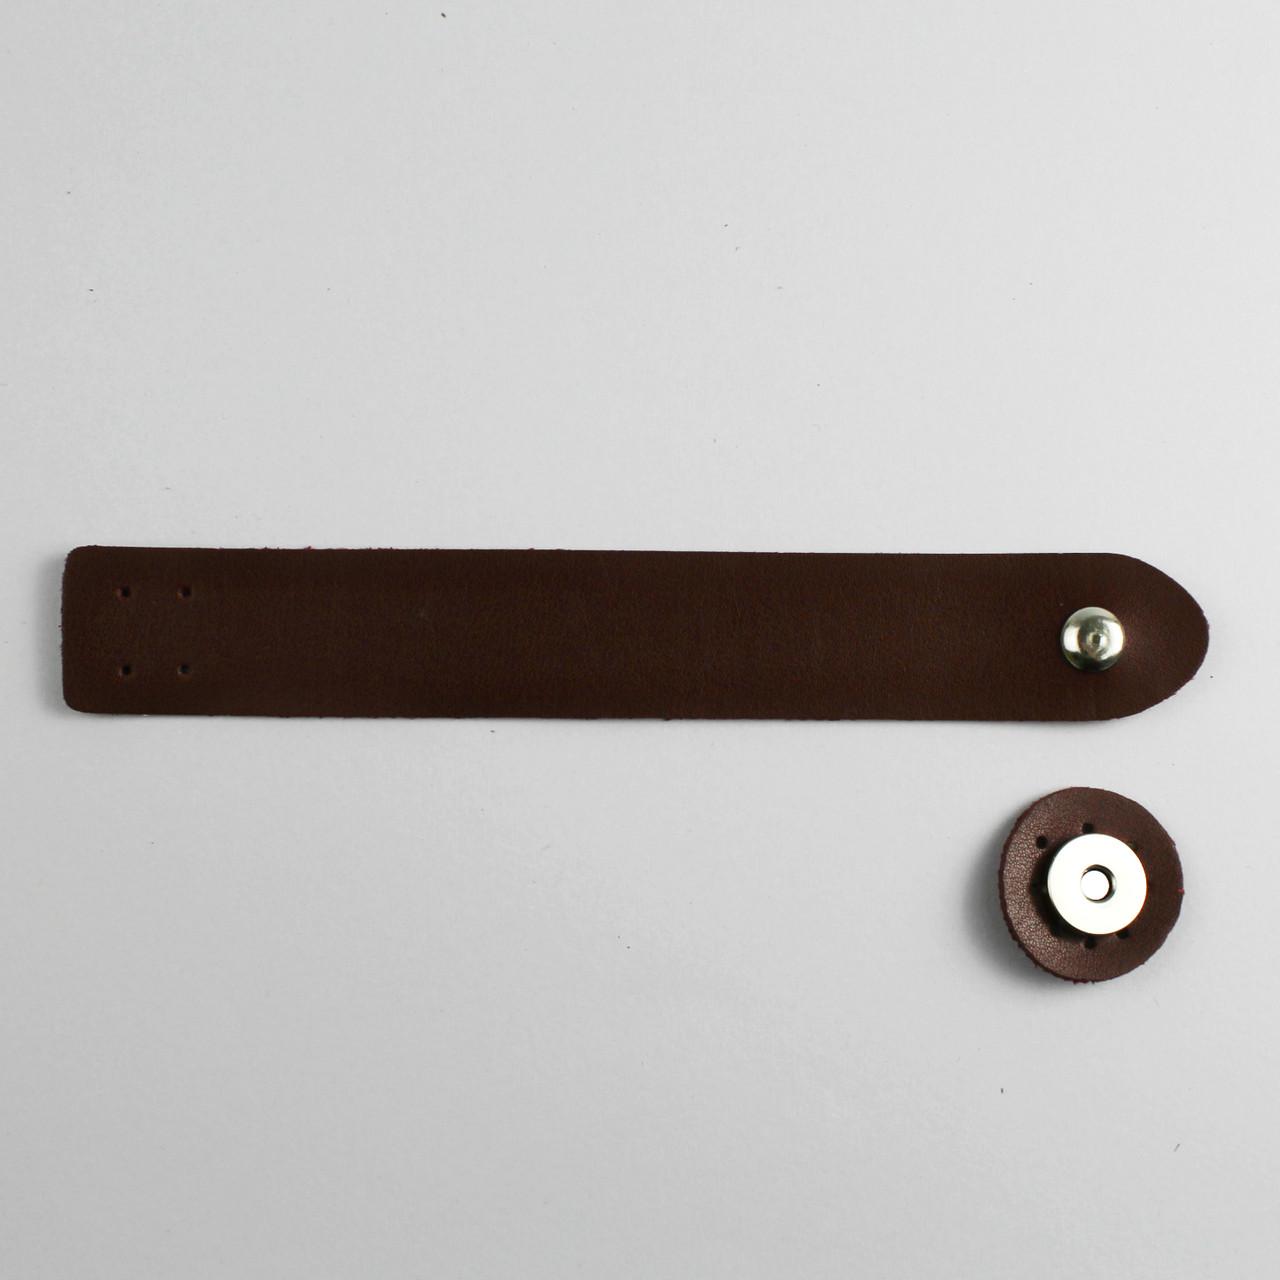 Клапан для сумки экокожа Бордо 3х20см фурнитура серебро